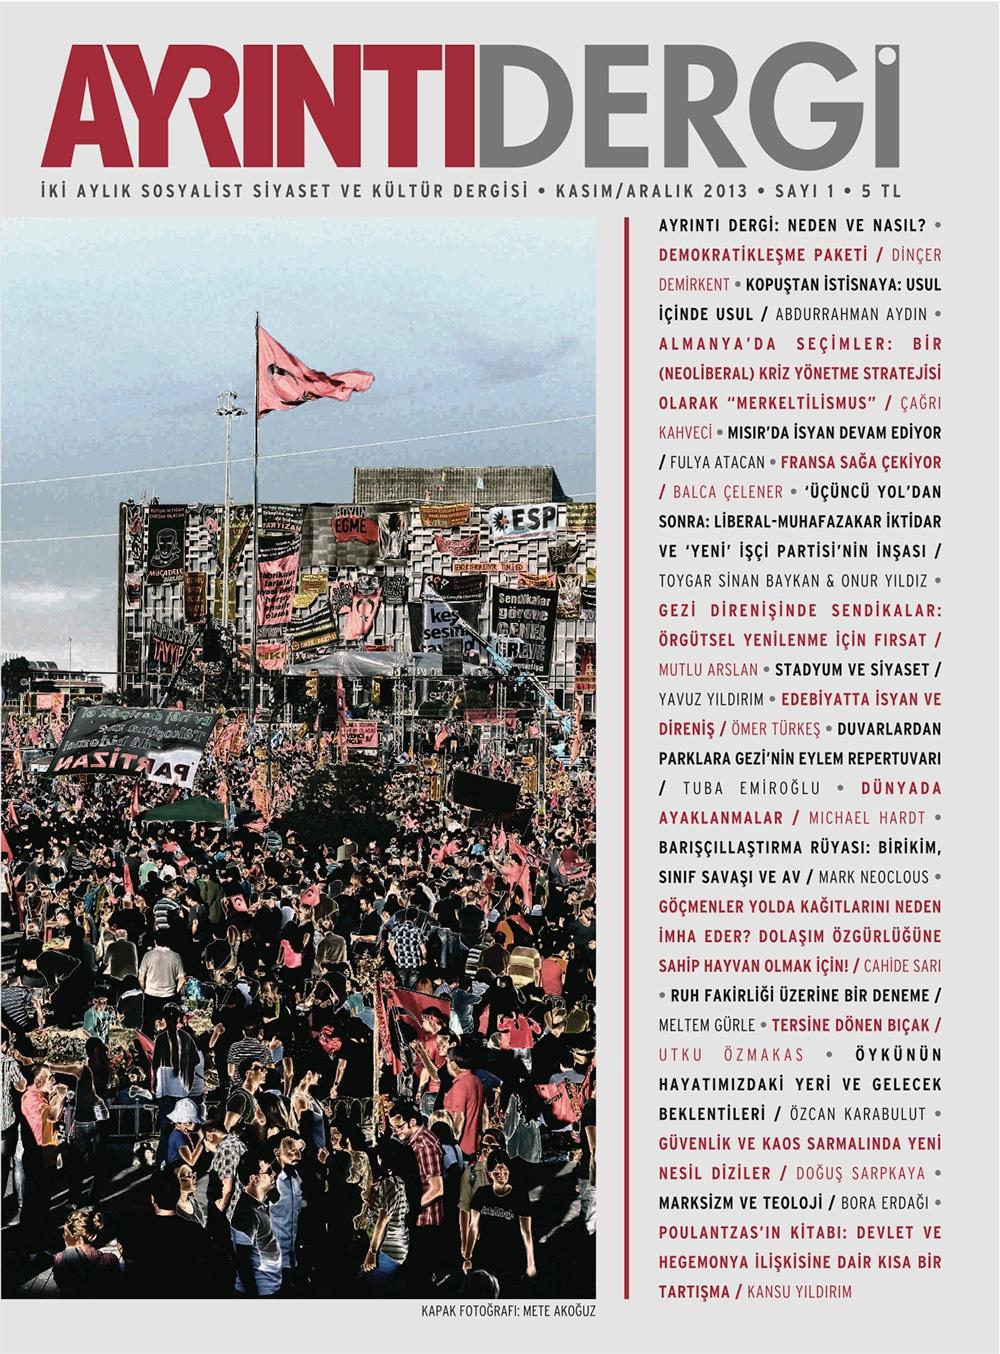 Ayrıntı Dergi Sayı 1 (Kasım-Aralık 2013)